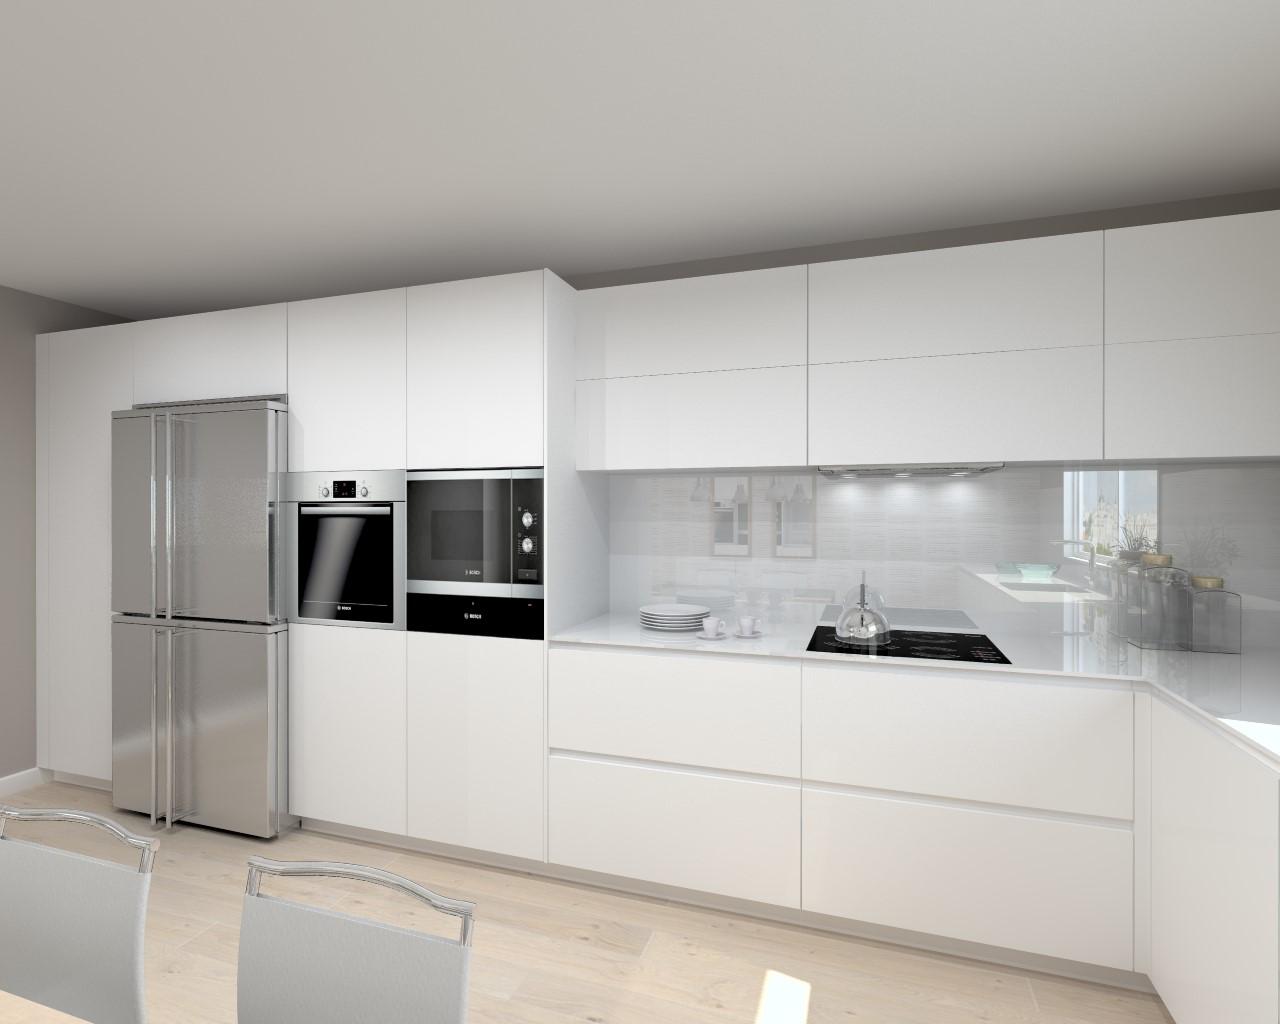 Cocina santos modelo line laca blanco seda encimera for Disenos de cocinas integrales blancas